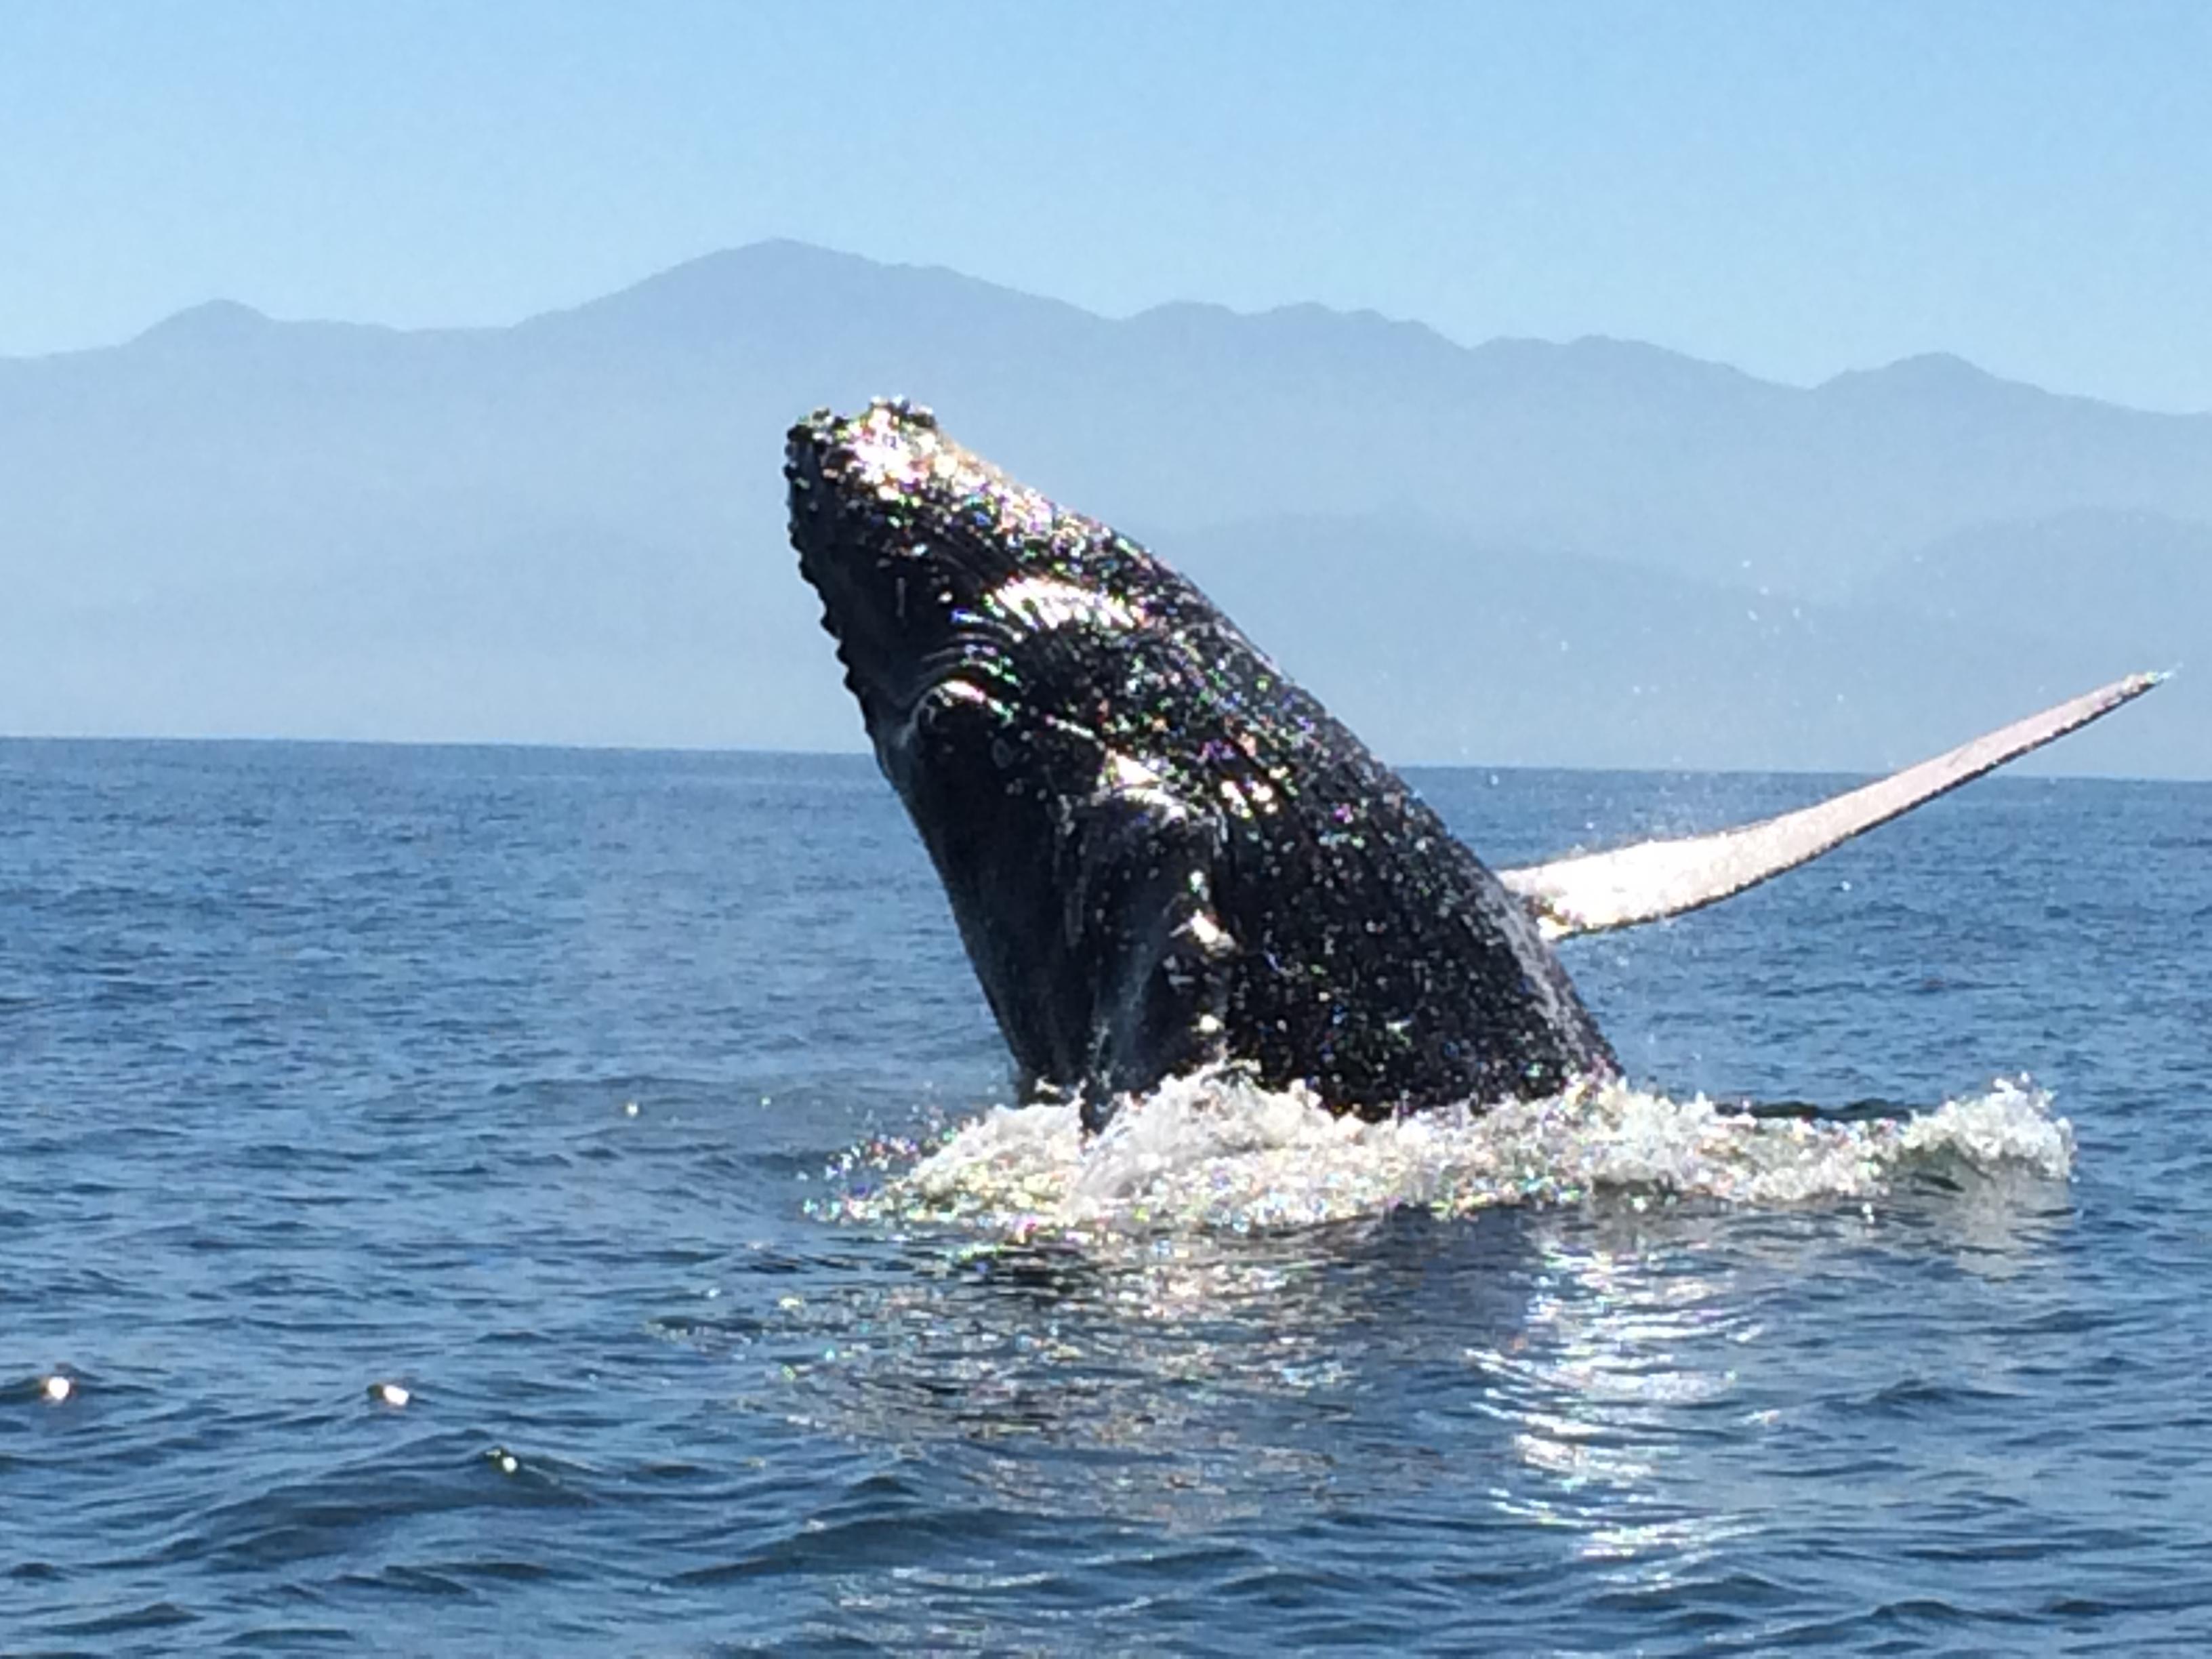 Whale breaching ocean